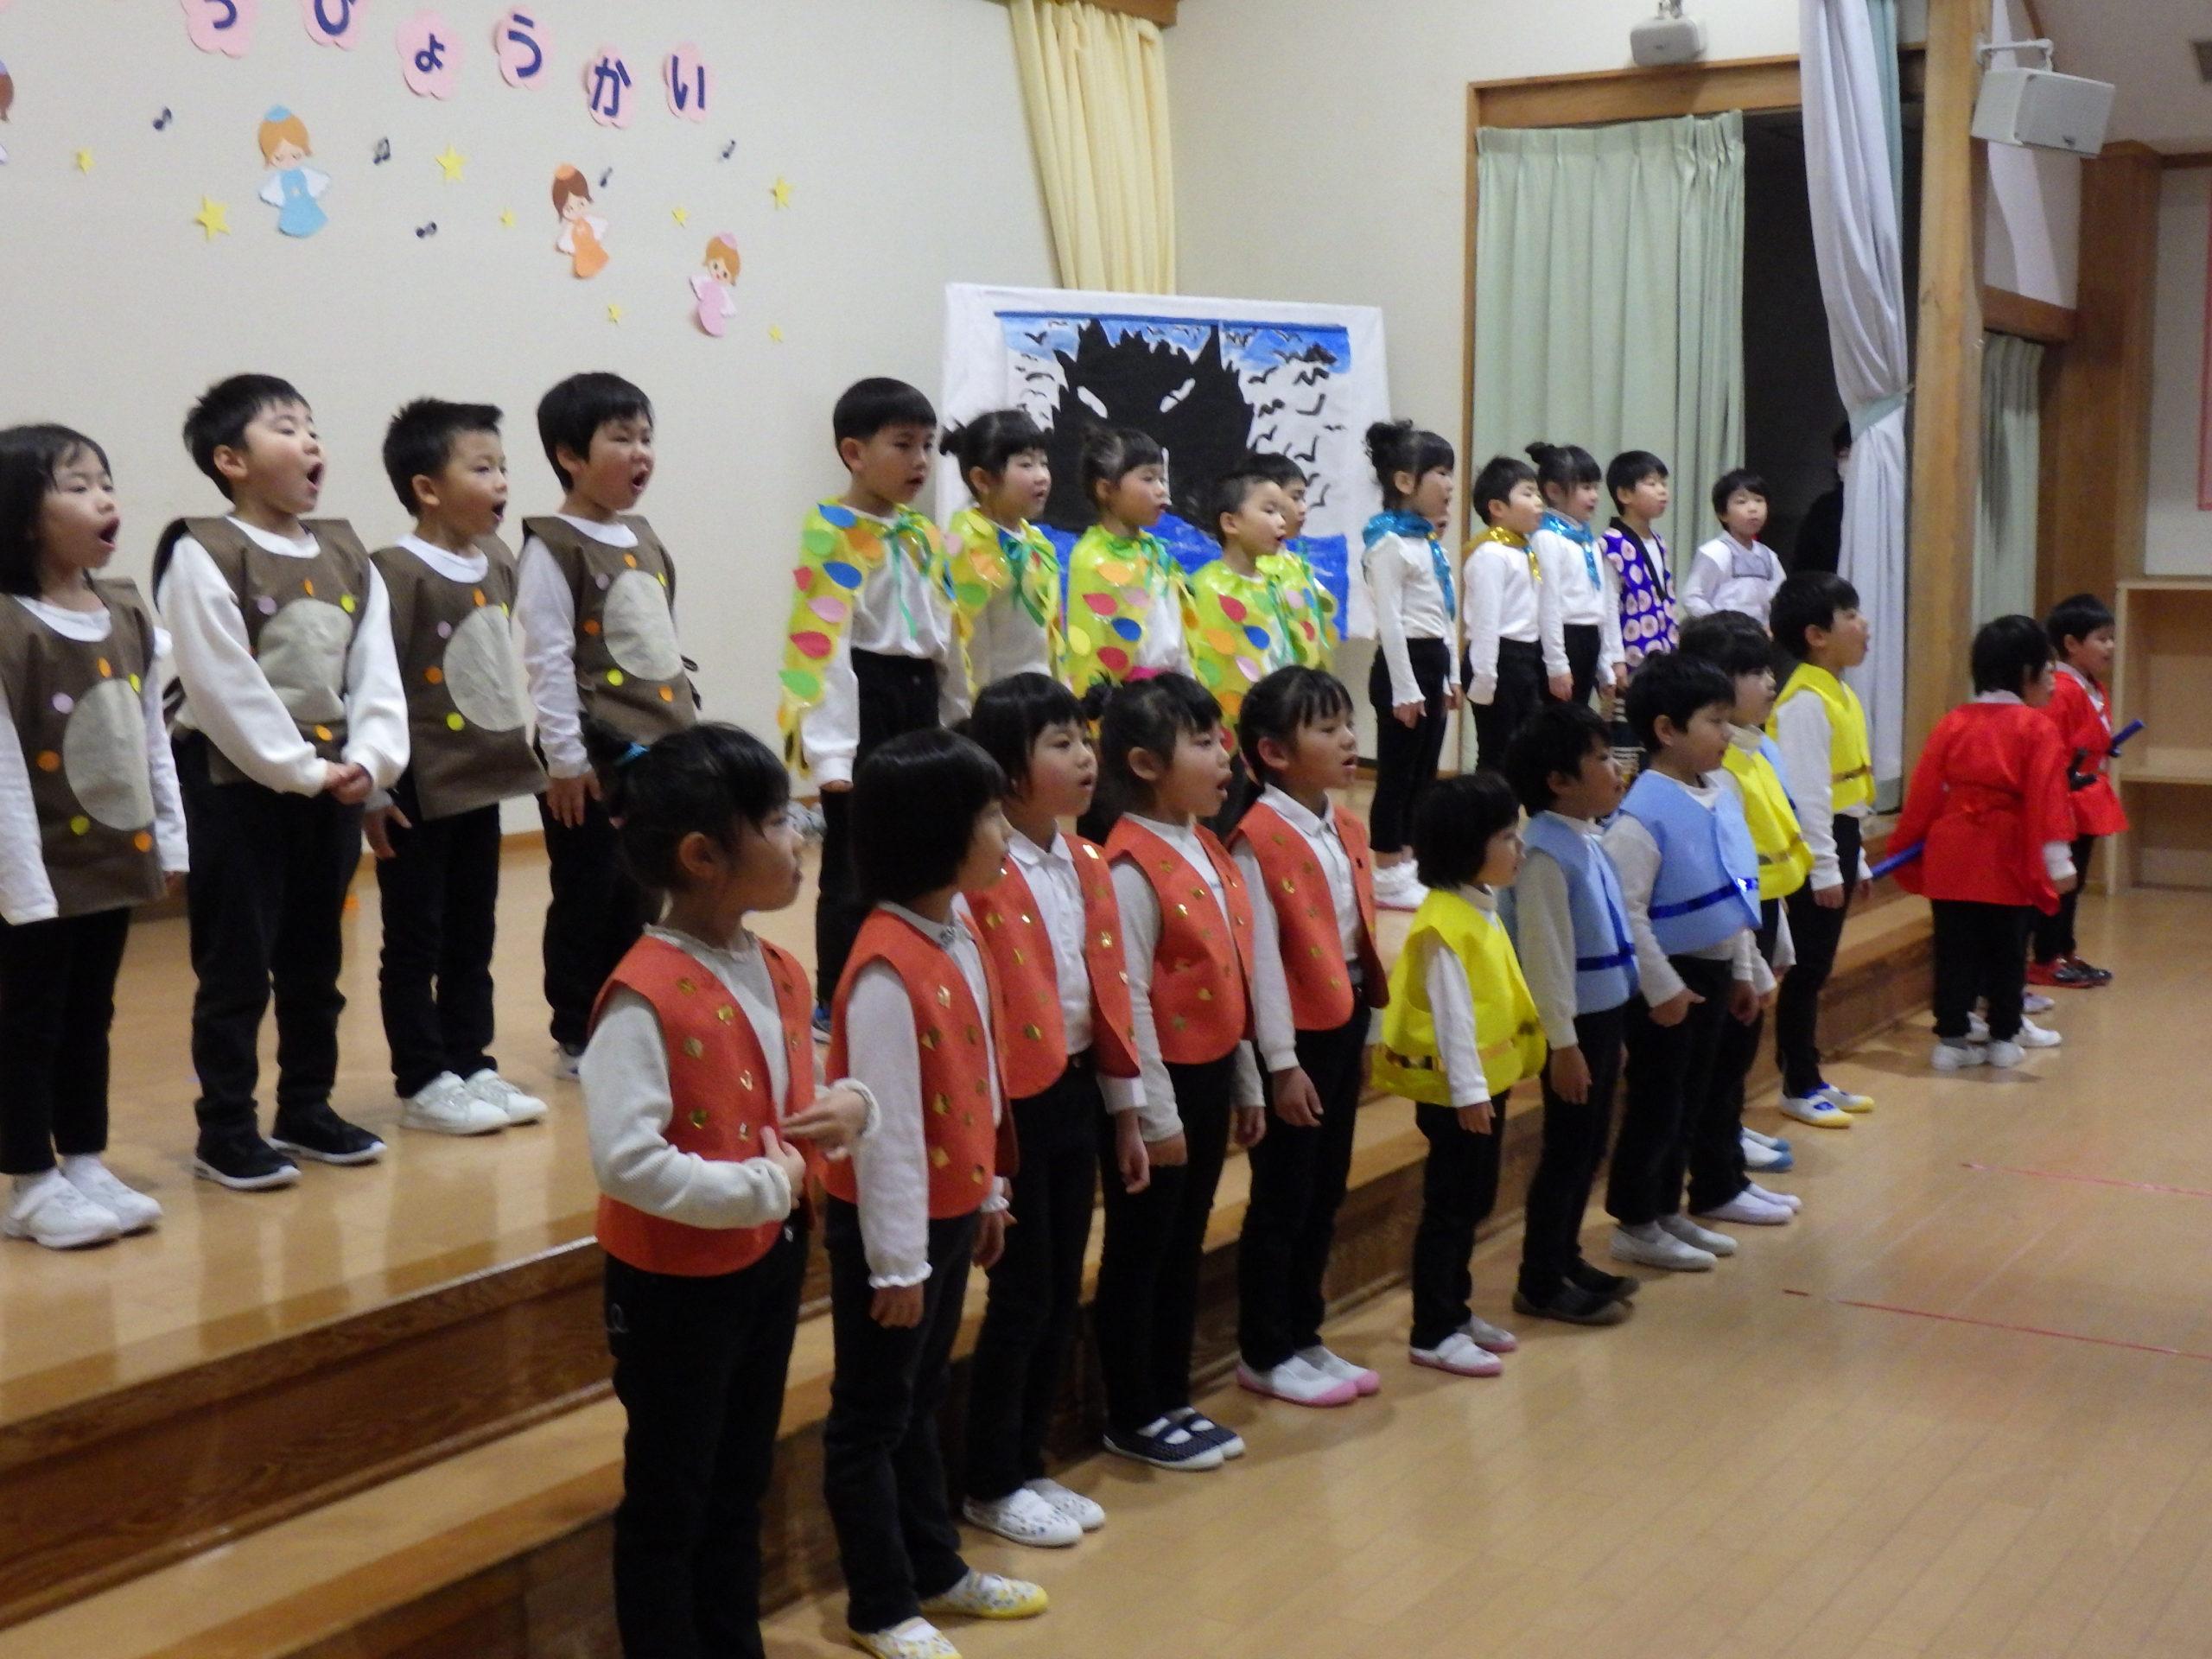 ☆頑張った最後の発表会☆ 3部 (5歳児 そら組)